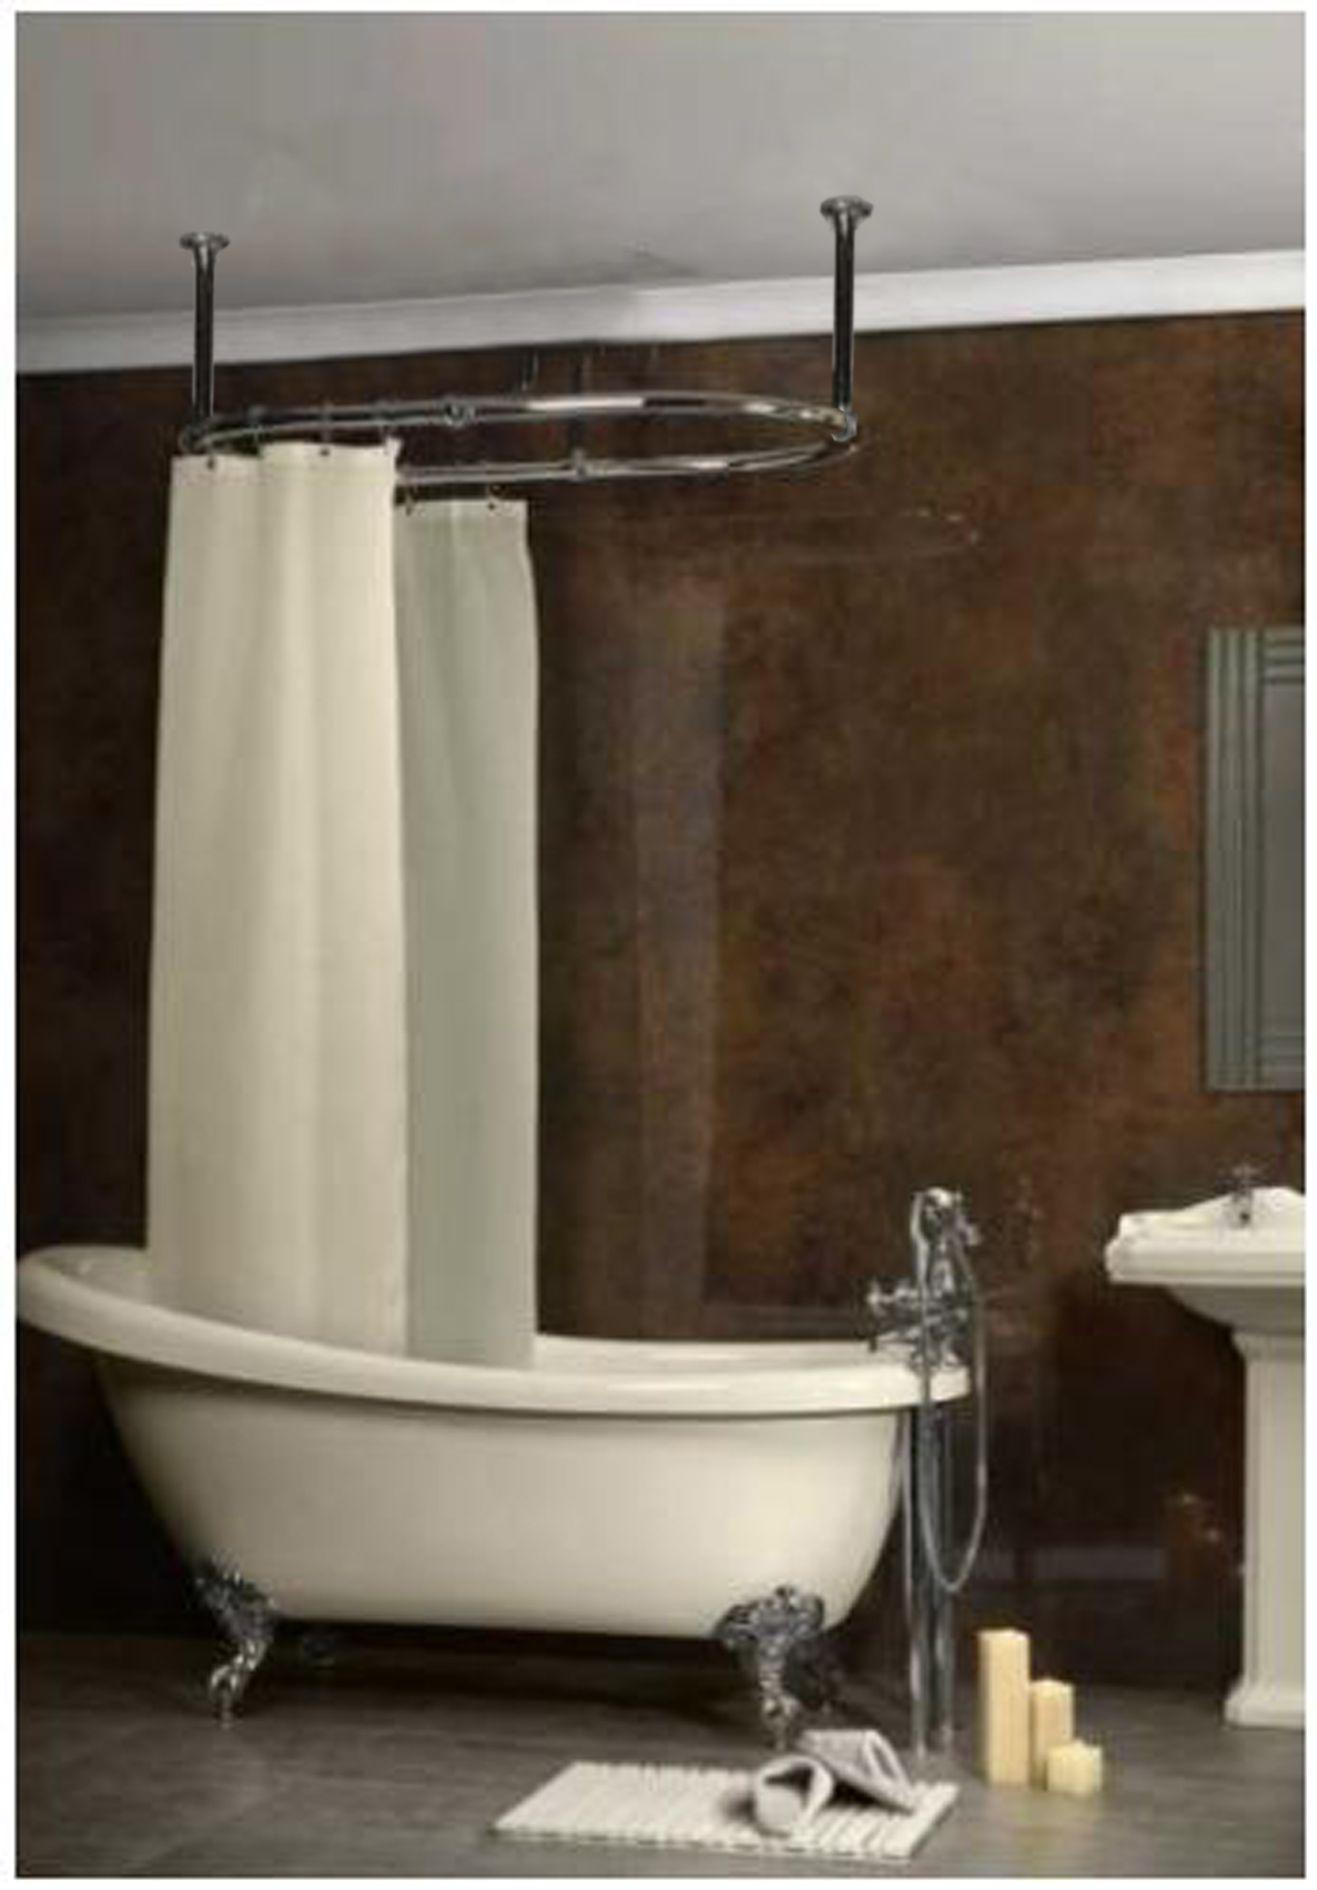 Schone Badezimmer Ideen Mit Klassischen Stil Feat Vintage Weiss Badewanne Und Aluminium D Gold Shower Curtain Freestanding Bath With Shower Shower Curtain Decor